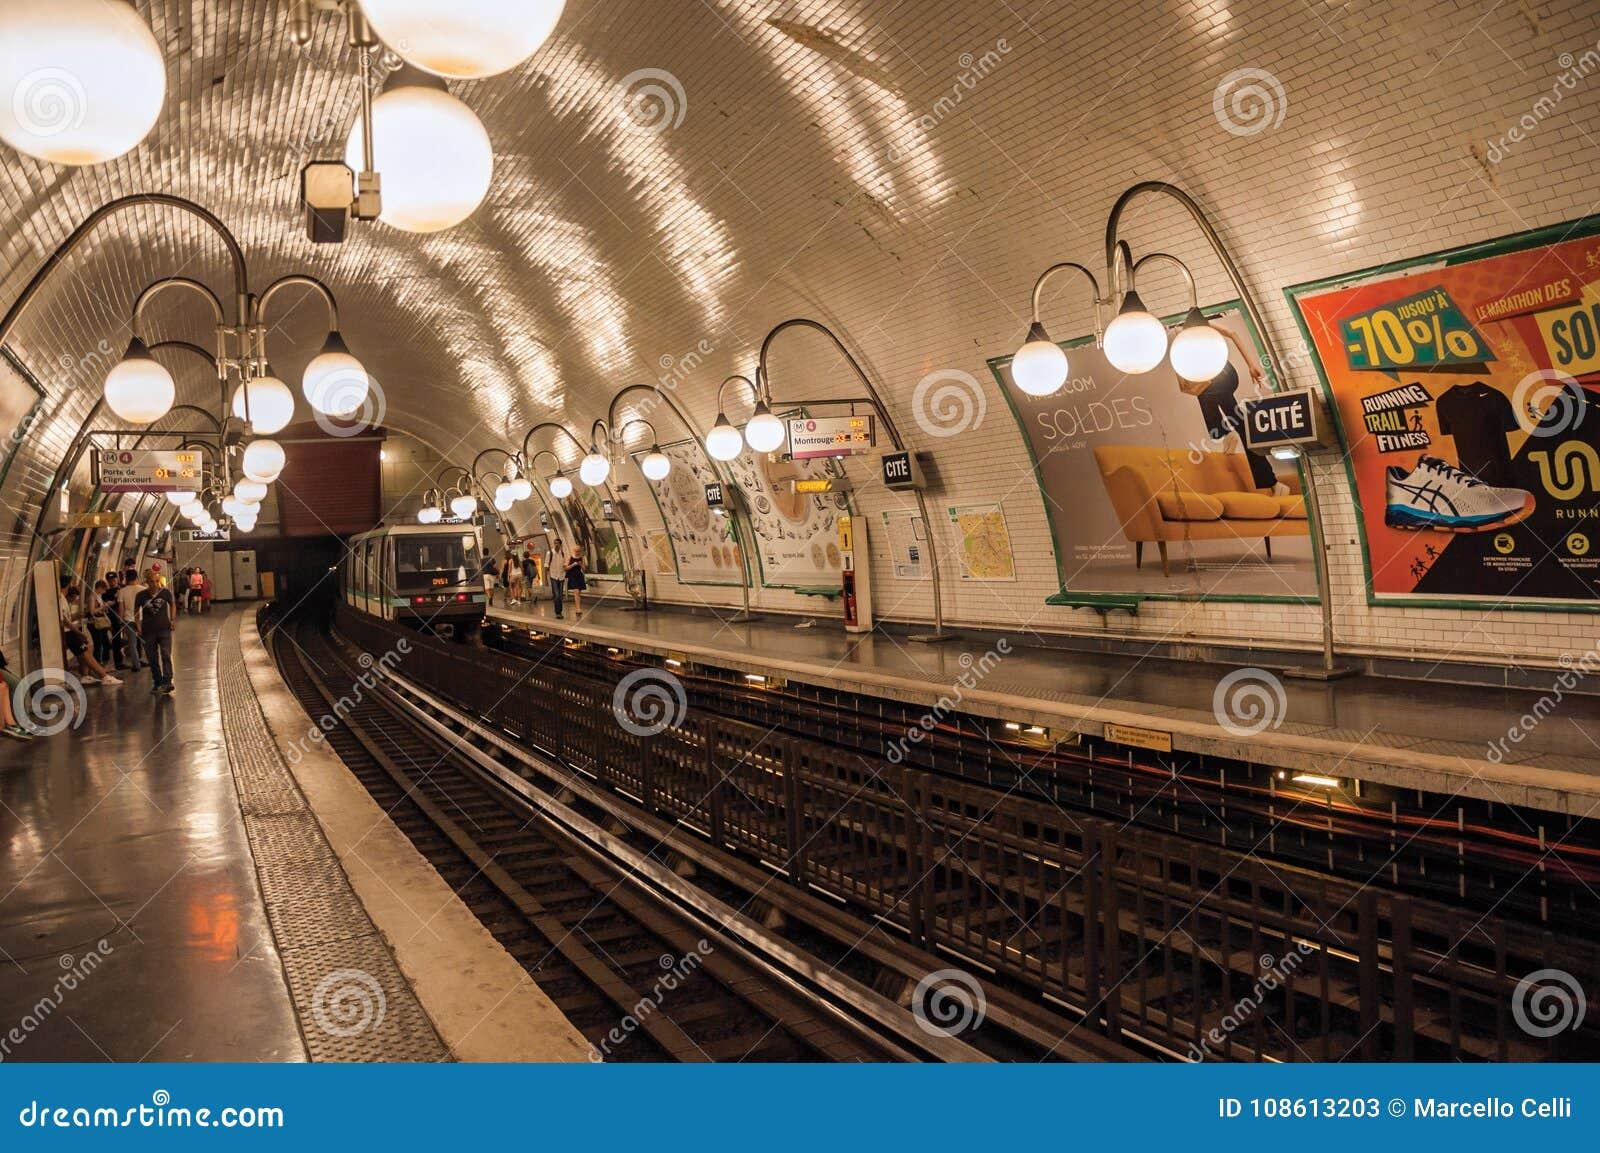 Citi il binario della stazione della metropolitana con il treno e